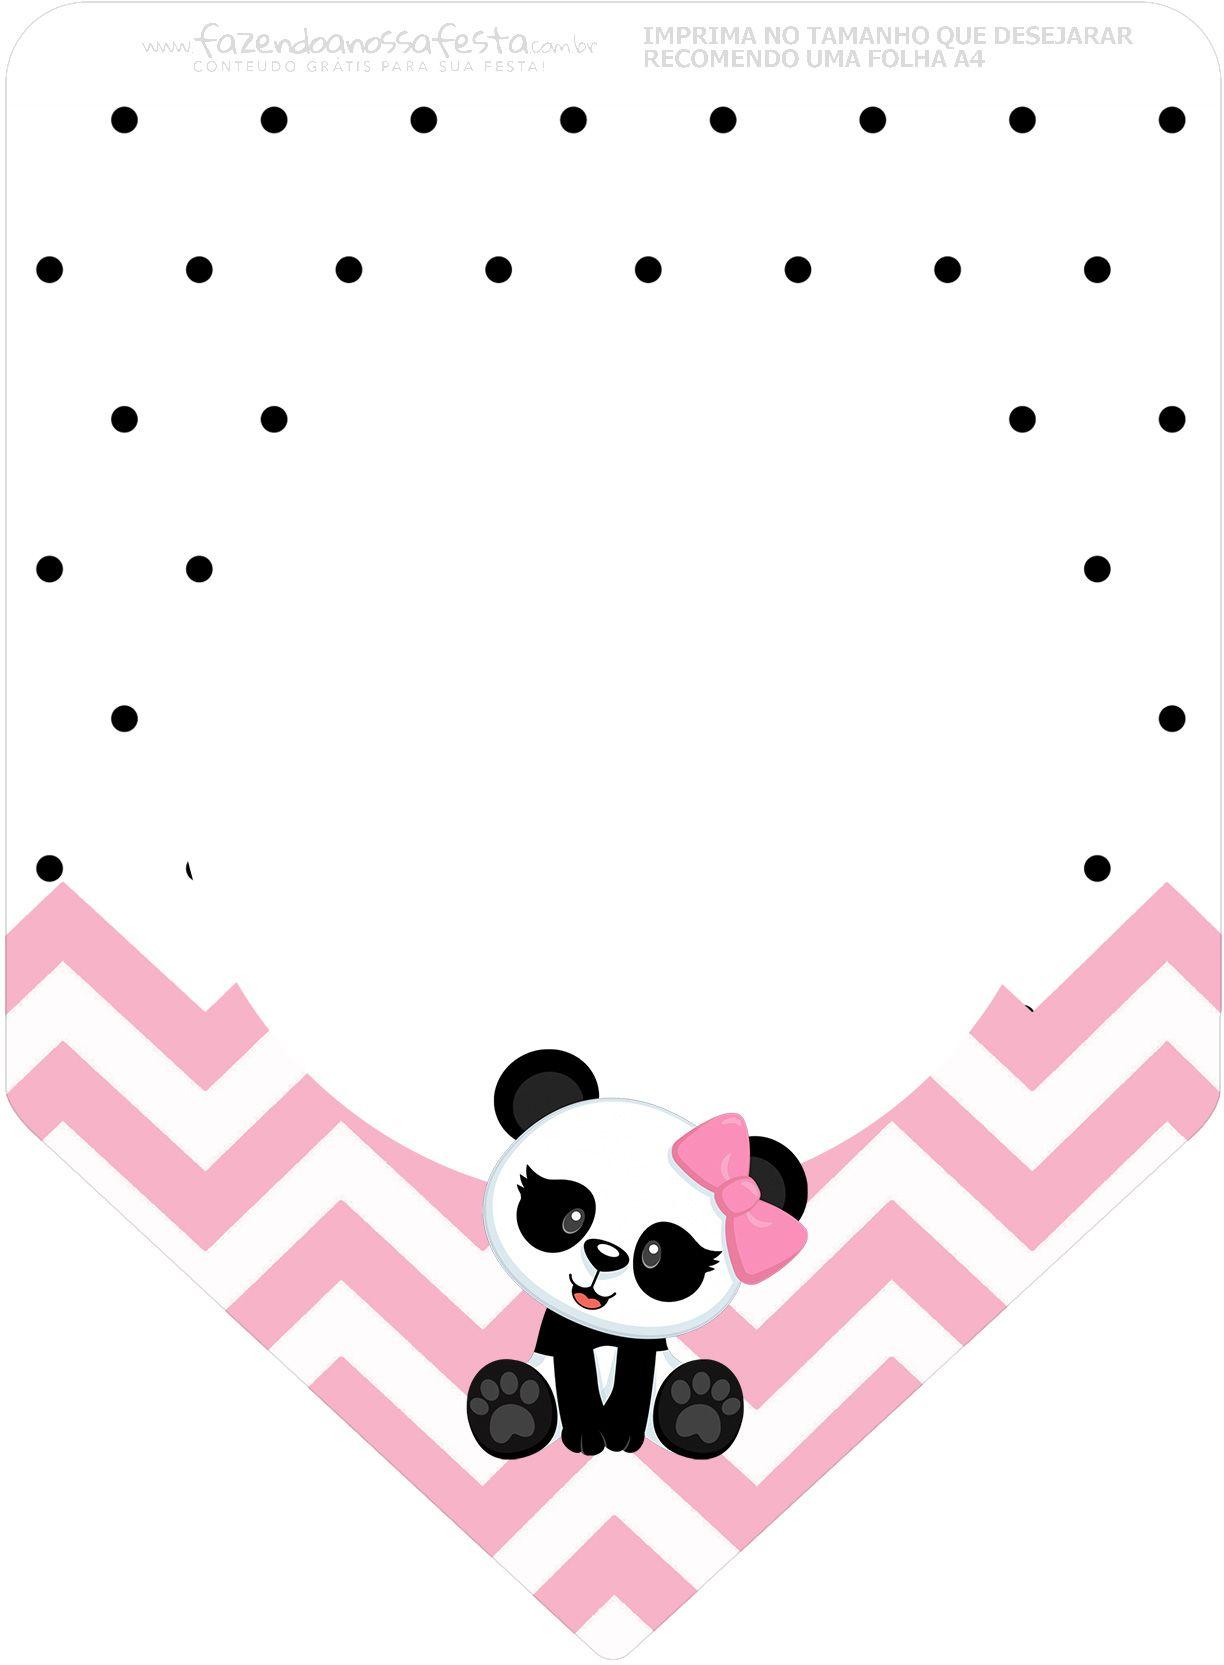 Bandeirinha Varalzinho 3 Panda Rosa Personalizados Para Festa Com